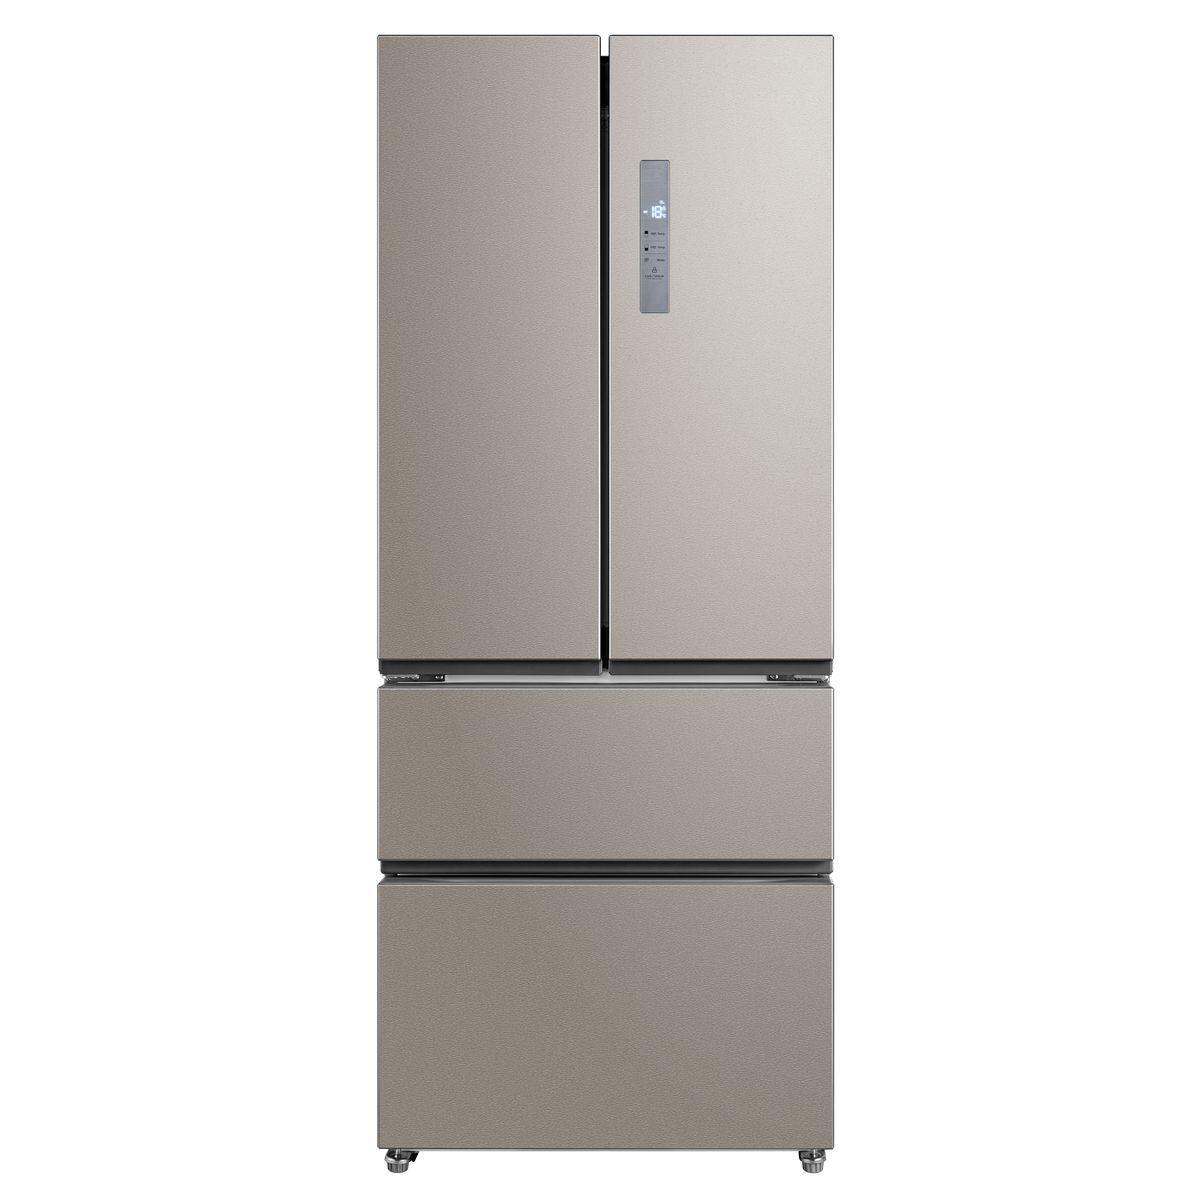 Réfrigérateur multi-portes 155487, 396 L, Froid ventilé